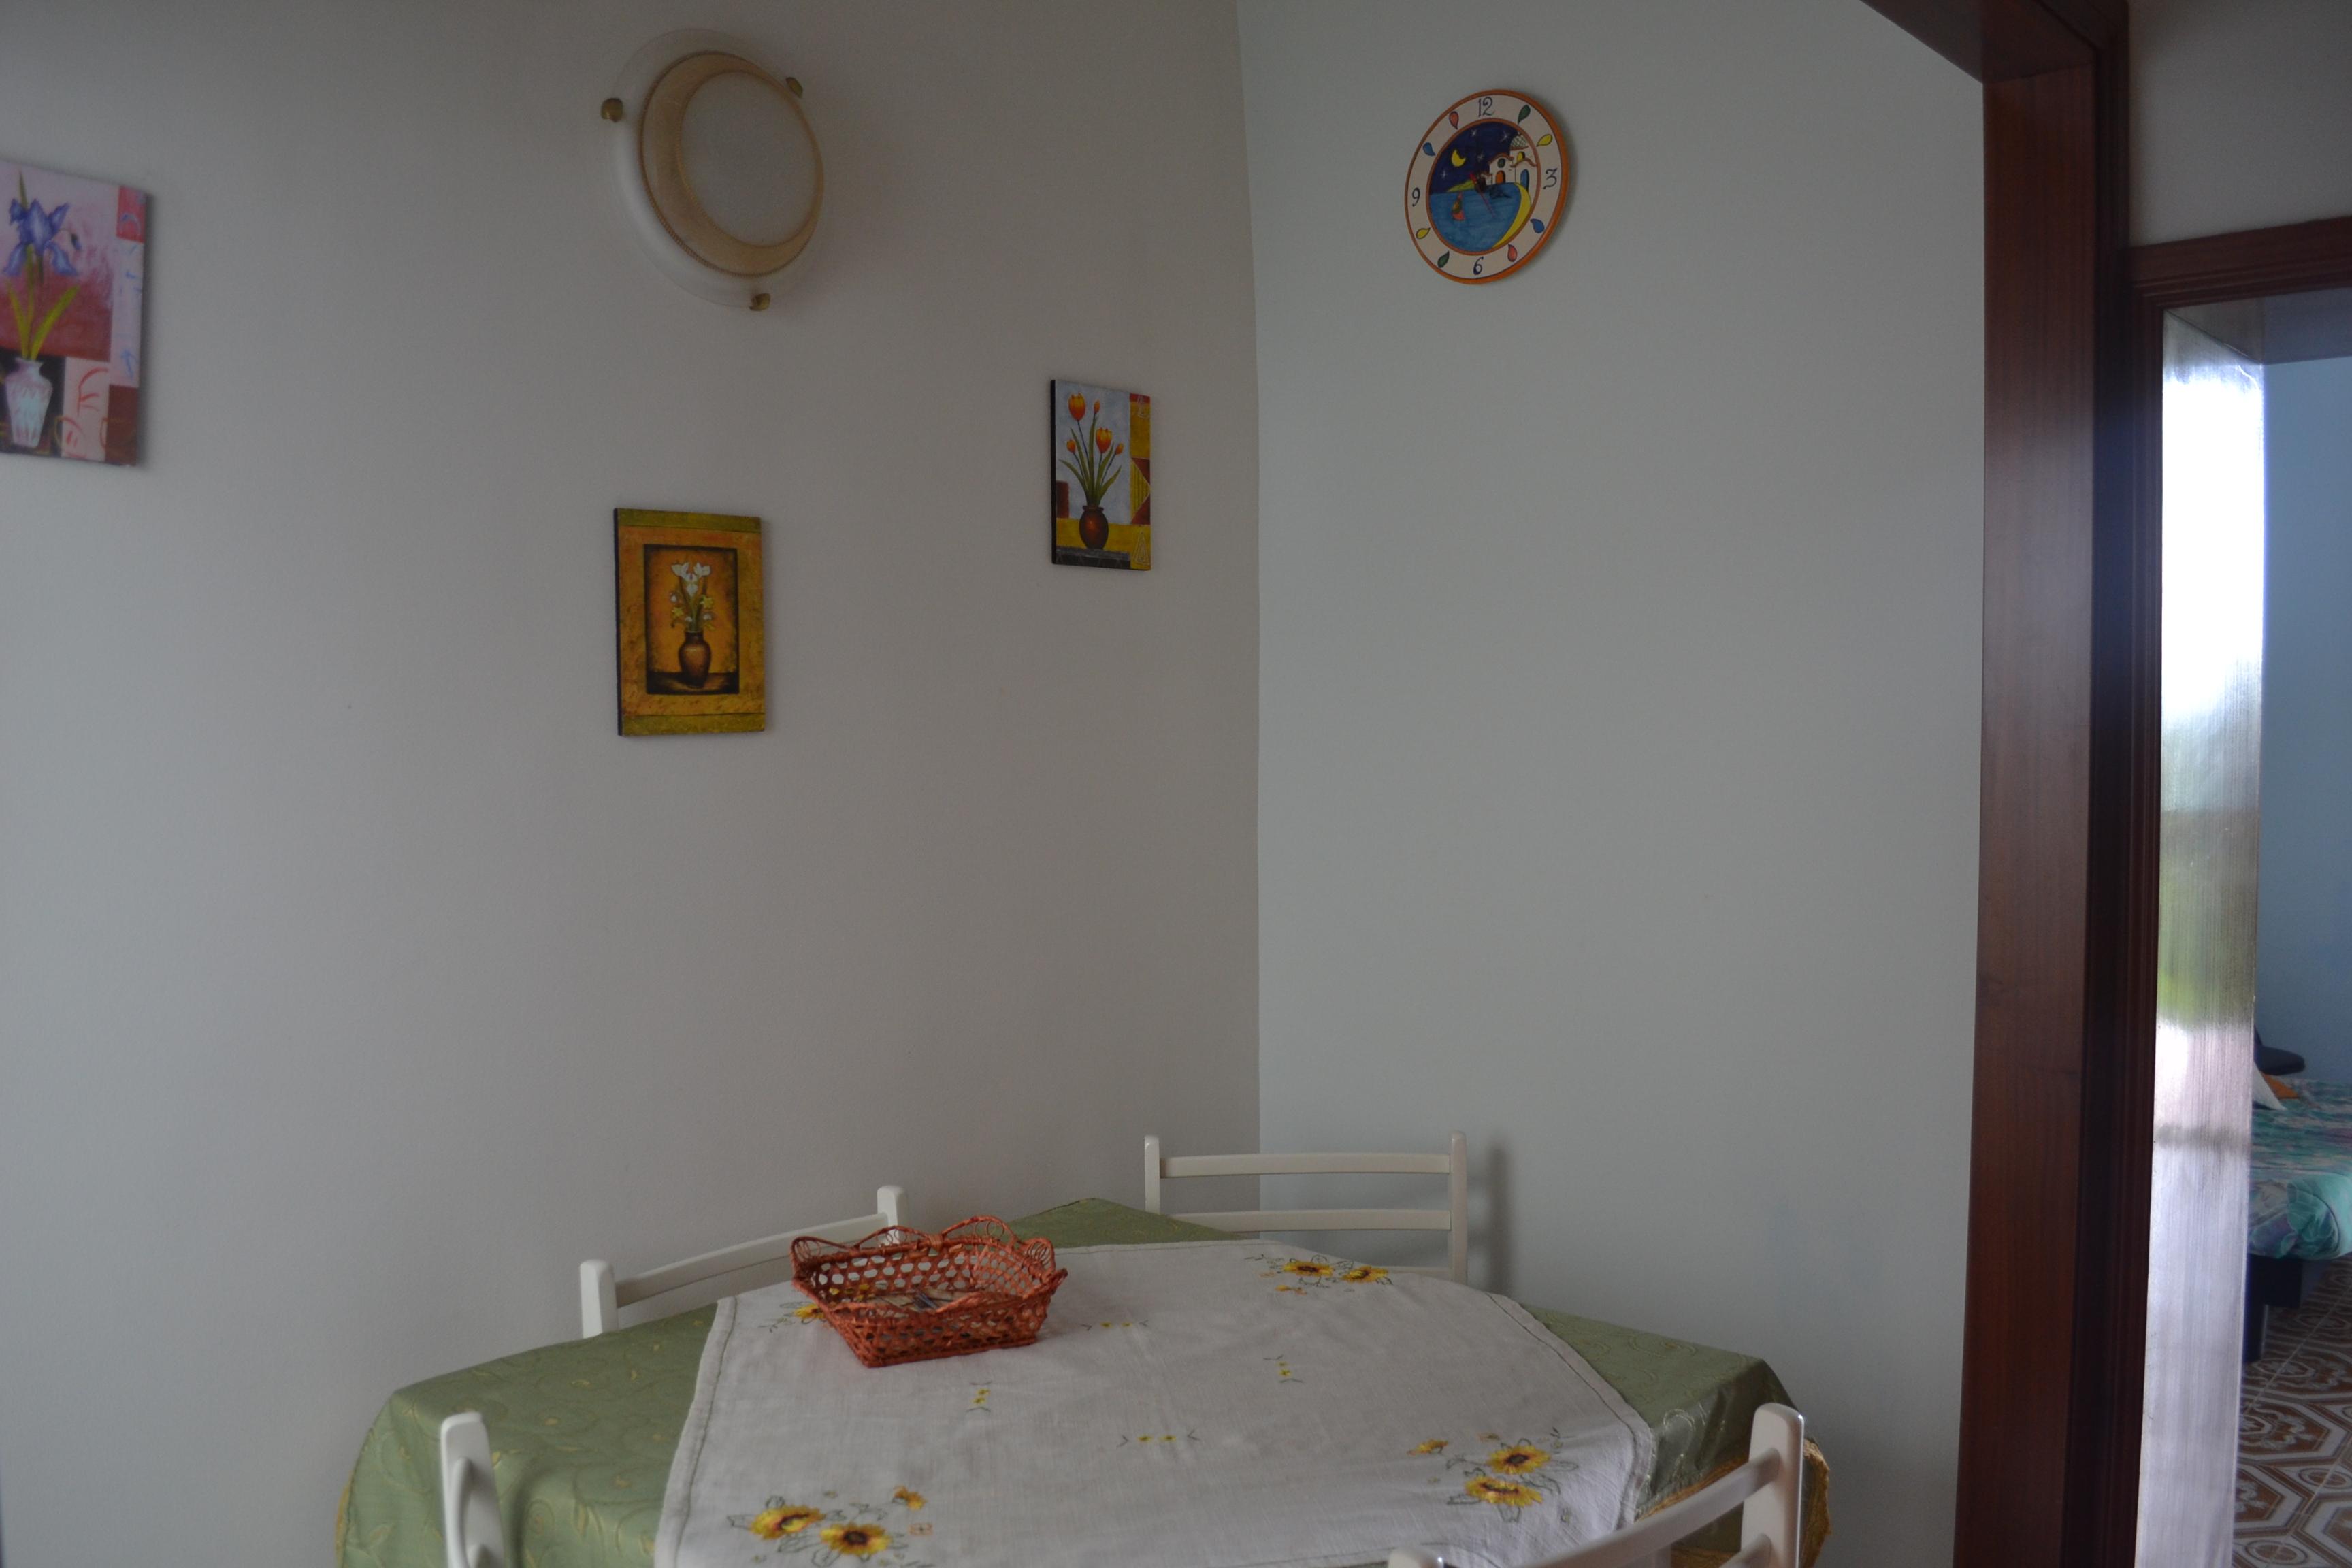 Ferienwohnung Bedebreakfastilys Coast Amalfitana (2520092), Cava de' Tirreni, Salerno, Kampanien, Italien, Bild 1